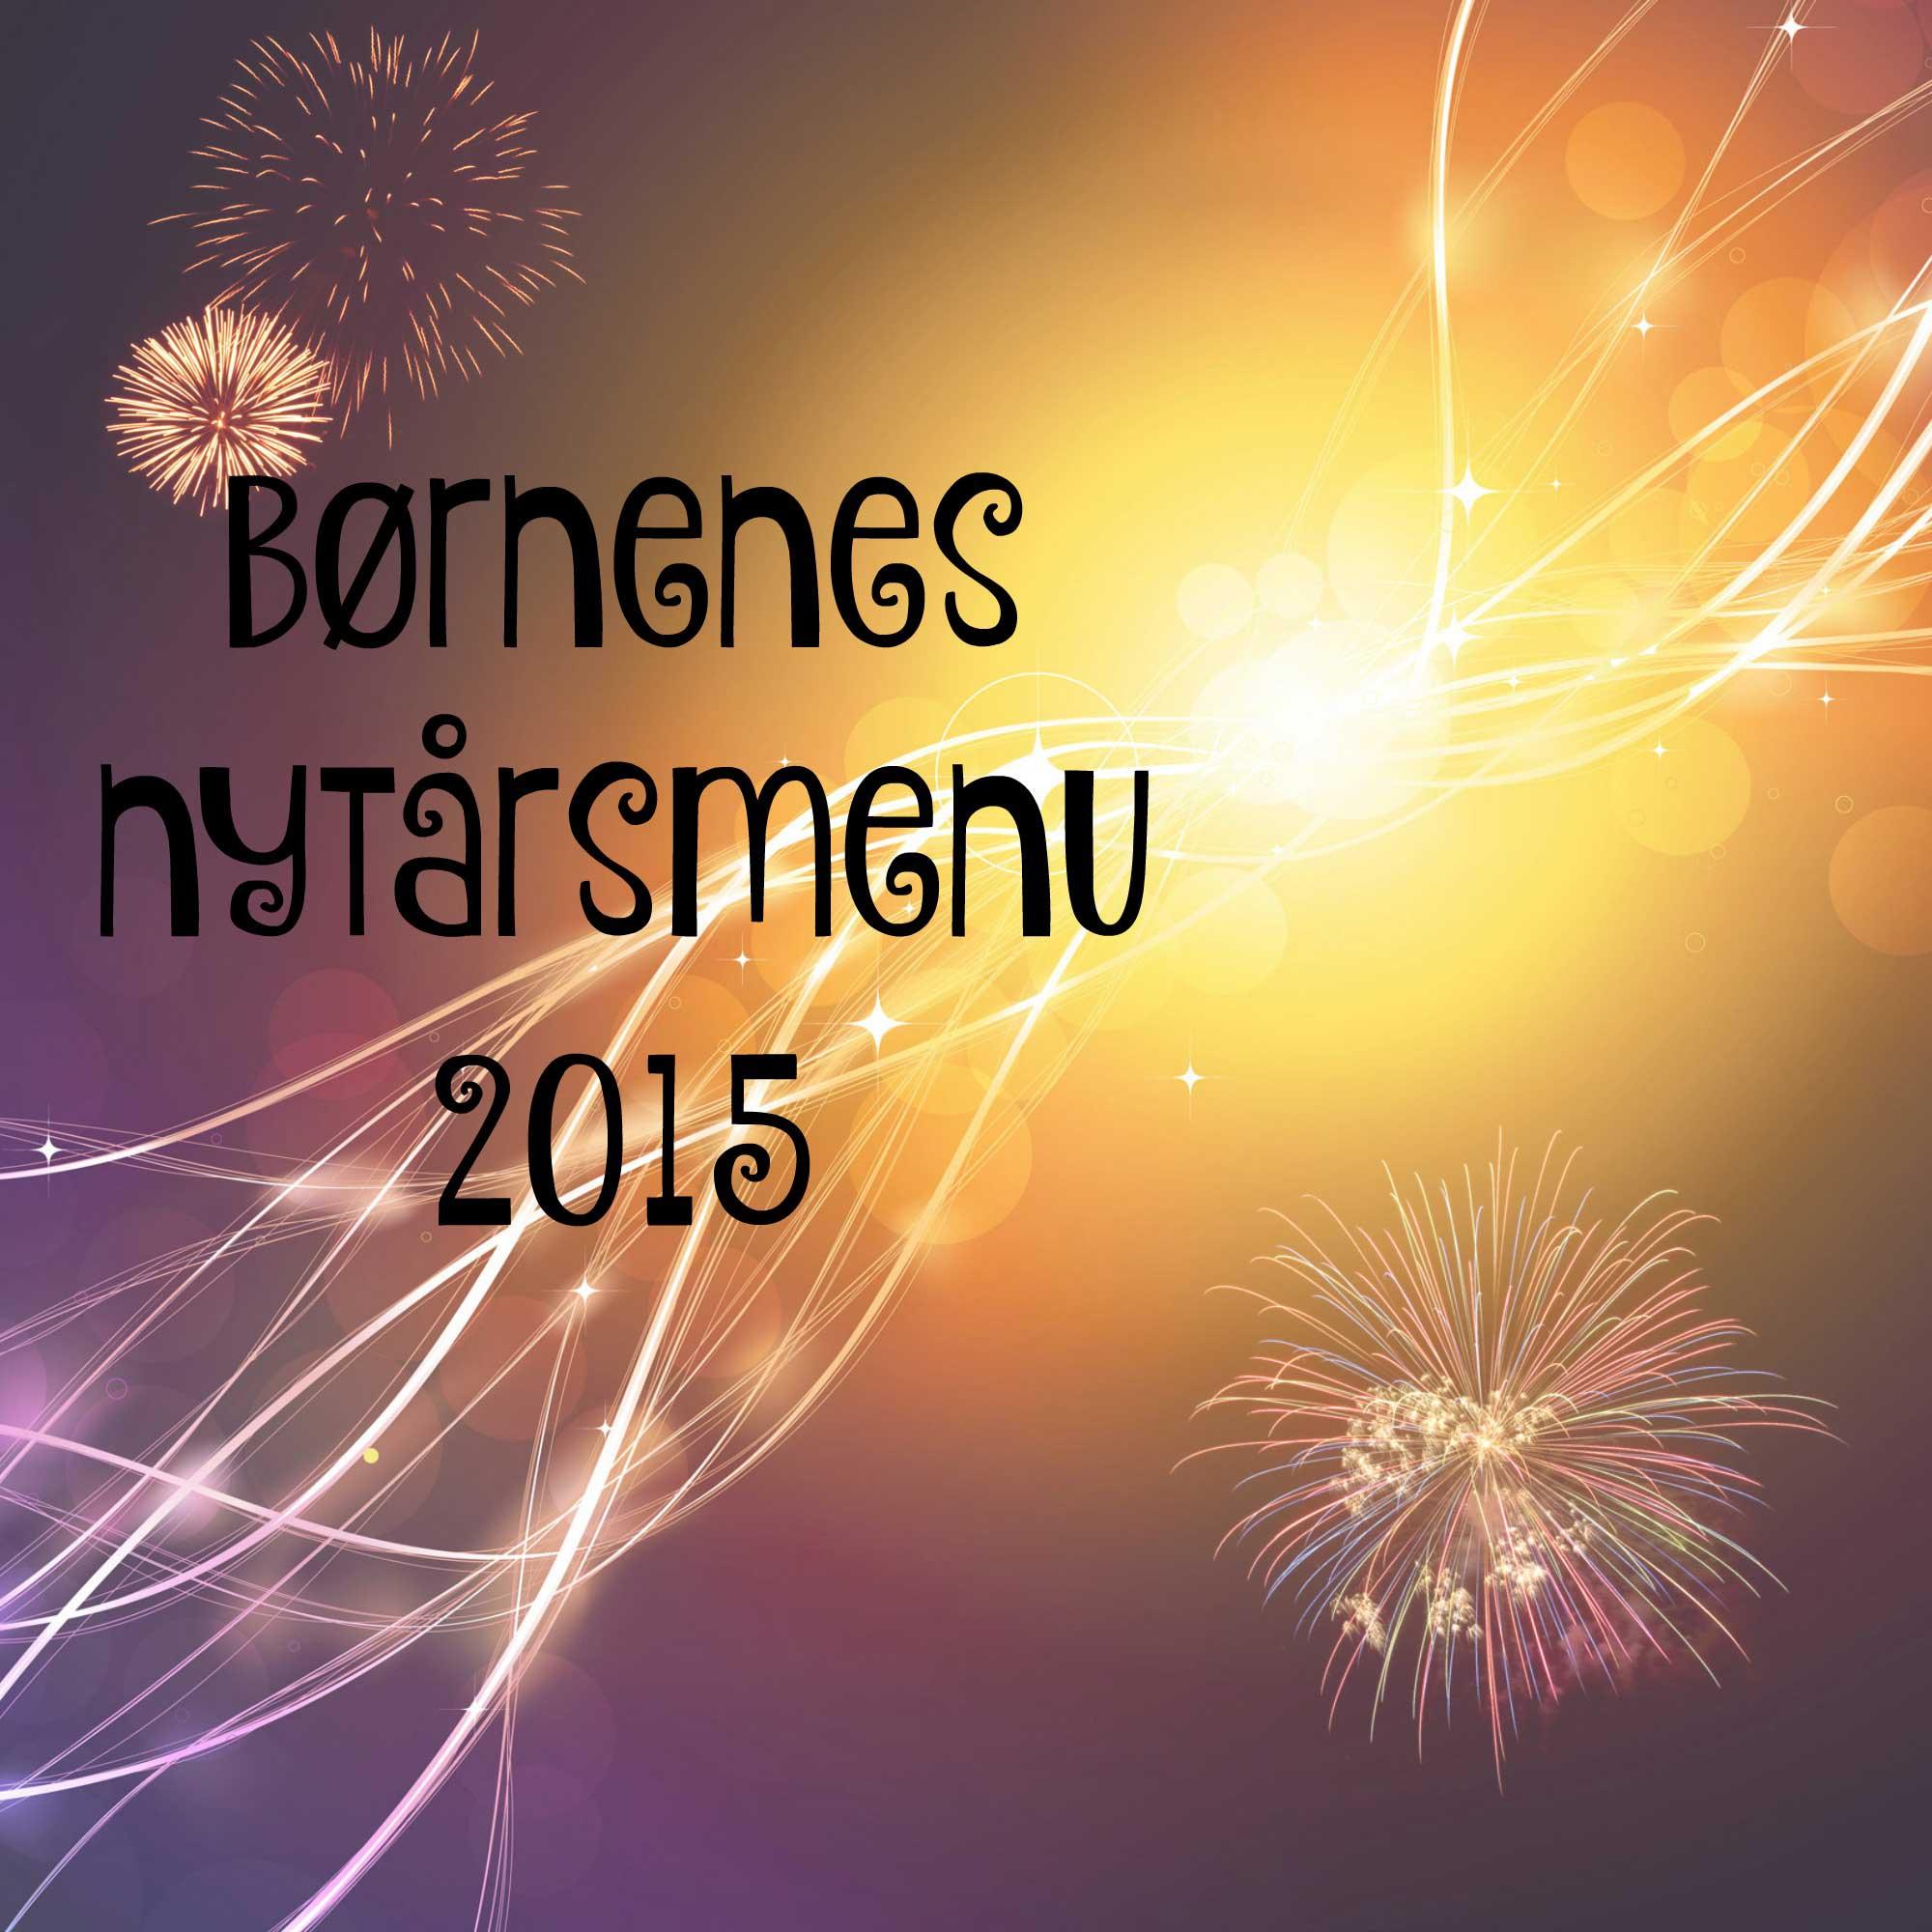 Børnenes nytårsmenu 2015